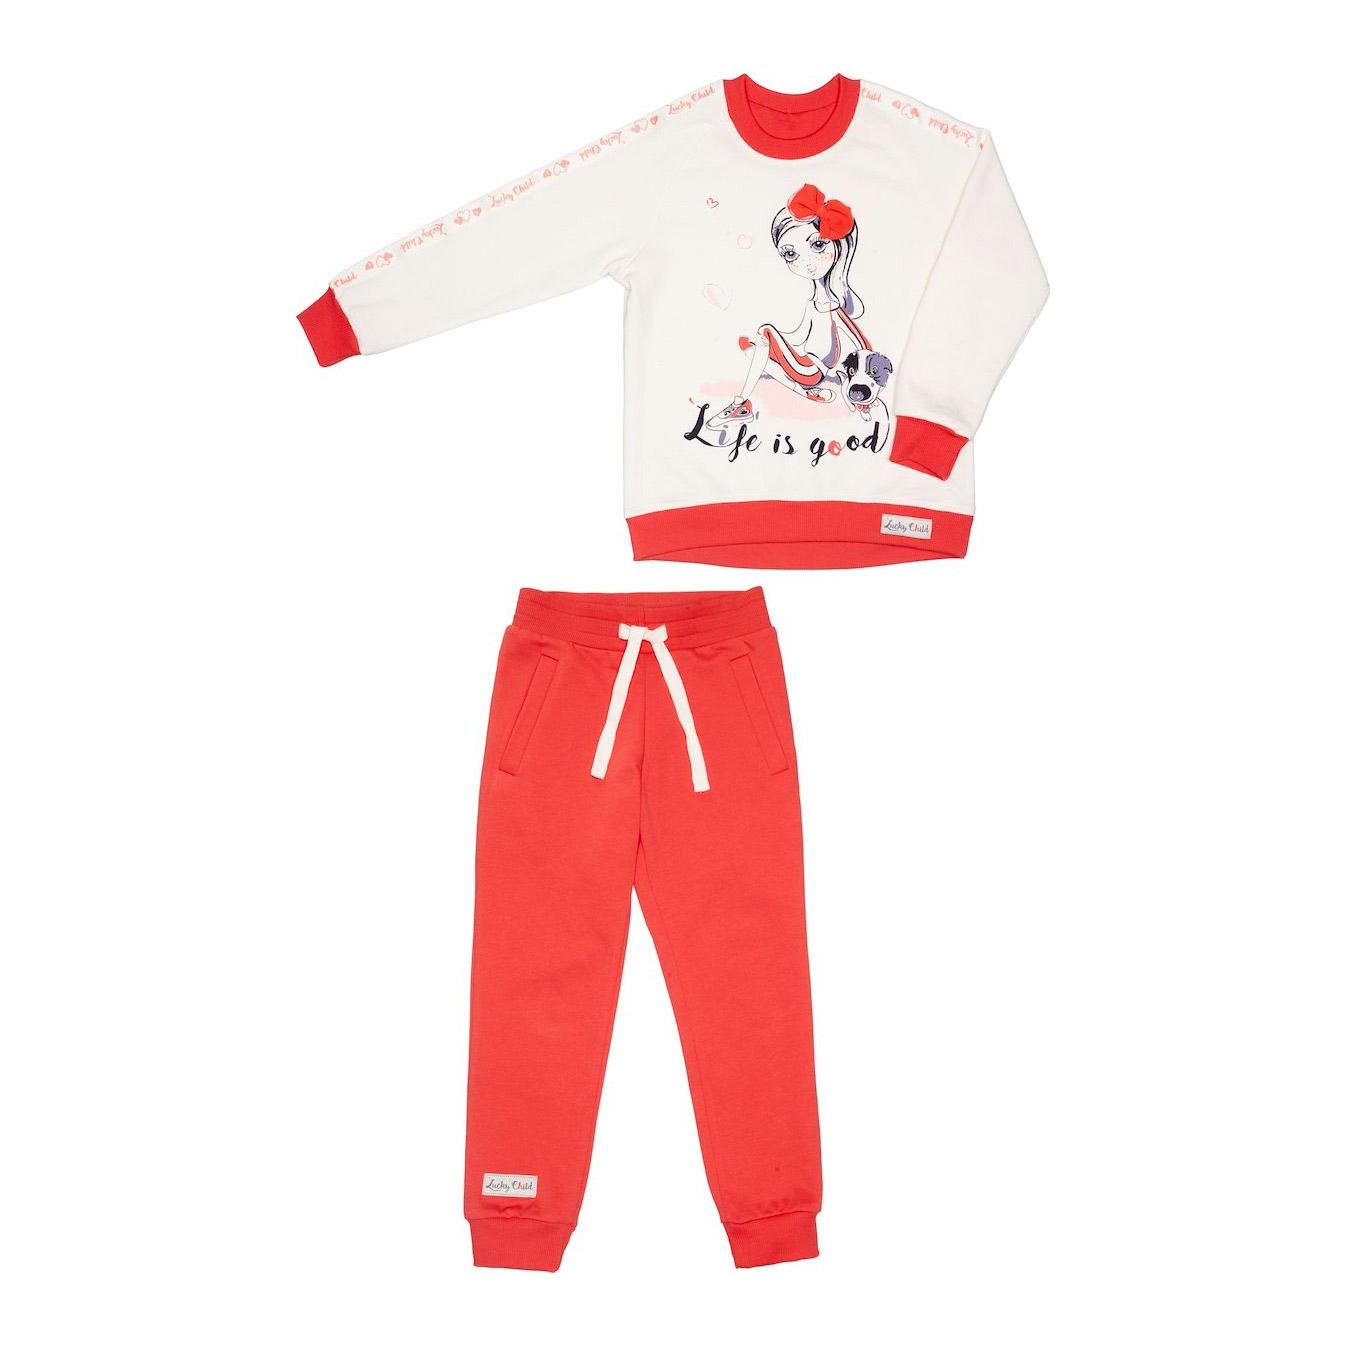 Фото - Спортивный костюм Lucky Child: толстовка и брюки коралл/молочный 128-134 спортивный костюм lucky child sport куртка и брюки 86 92